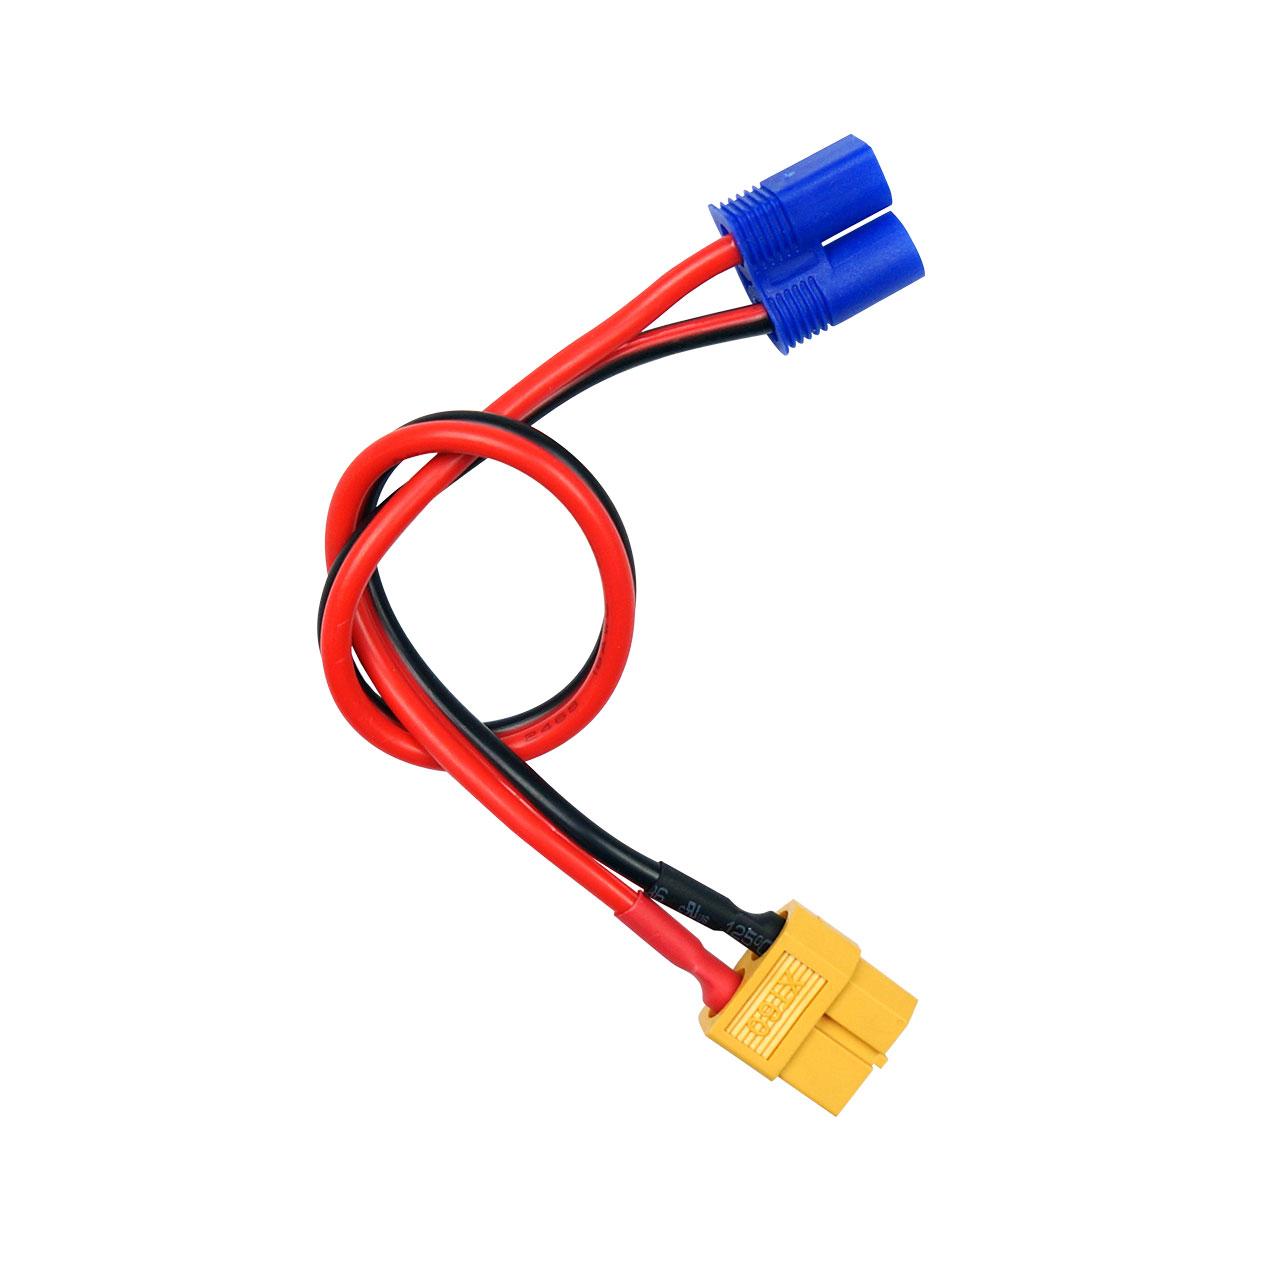 SKYRC Cable de charge XT60 pour batterie prise EC3, SK600023-13